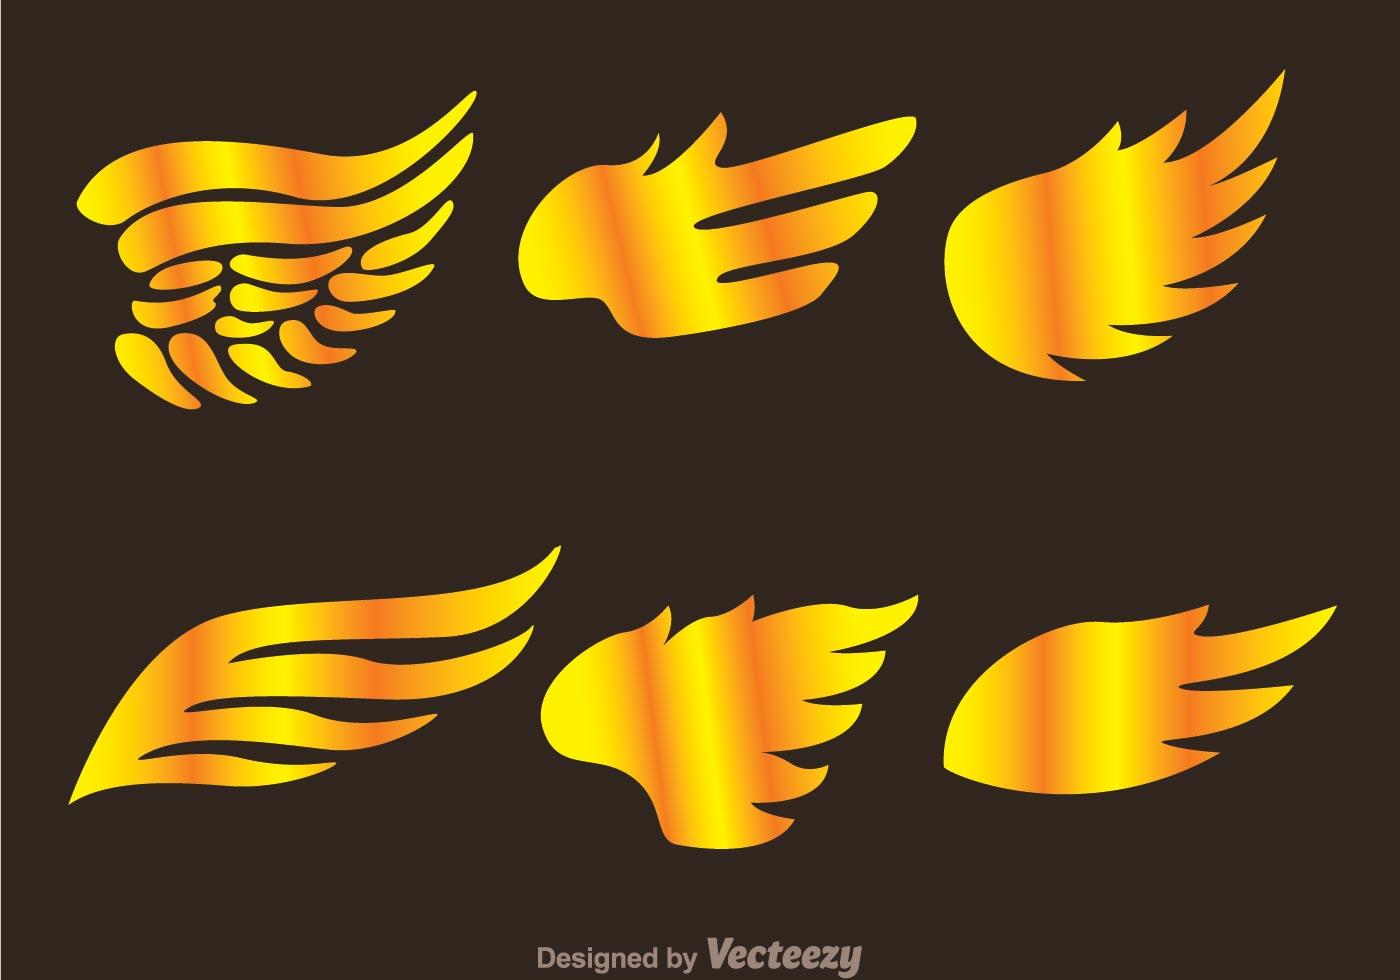 Gold Hawk Wing Logo Vectors - Download Free Vectors, Clipart